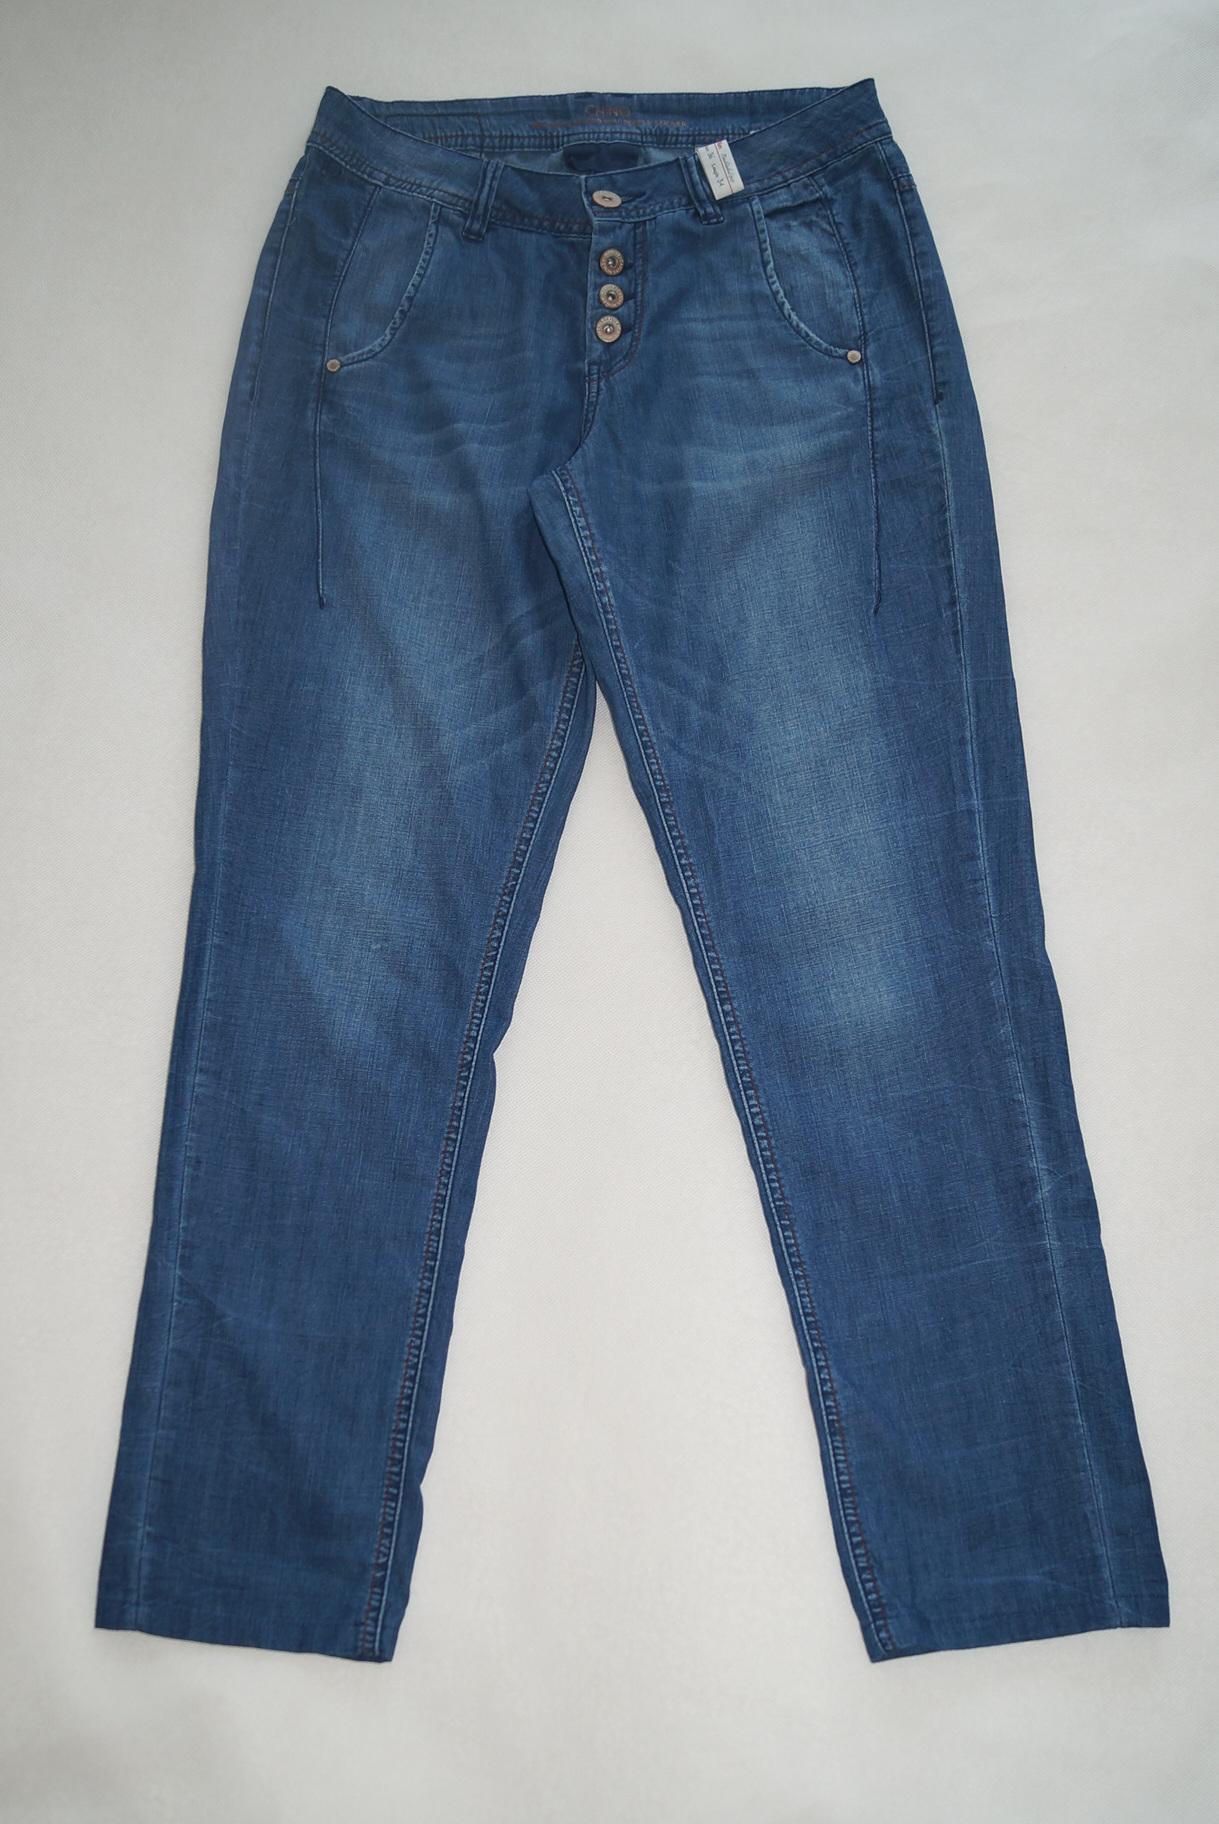 2a28913906ee0a S.Oliver jeansy dżinsy letnie cienkie 36 S/M - 7455883851 ...